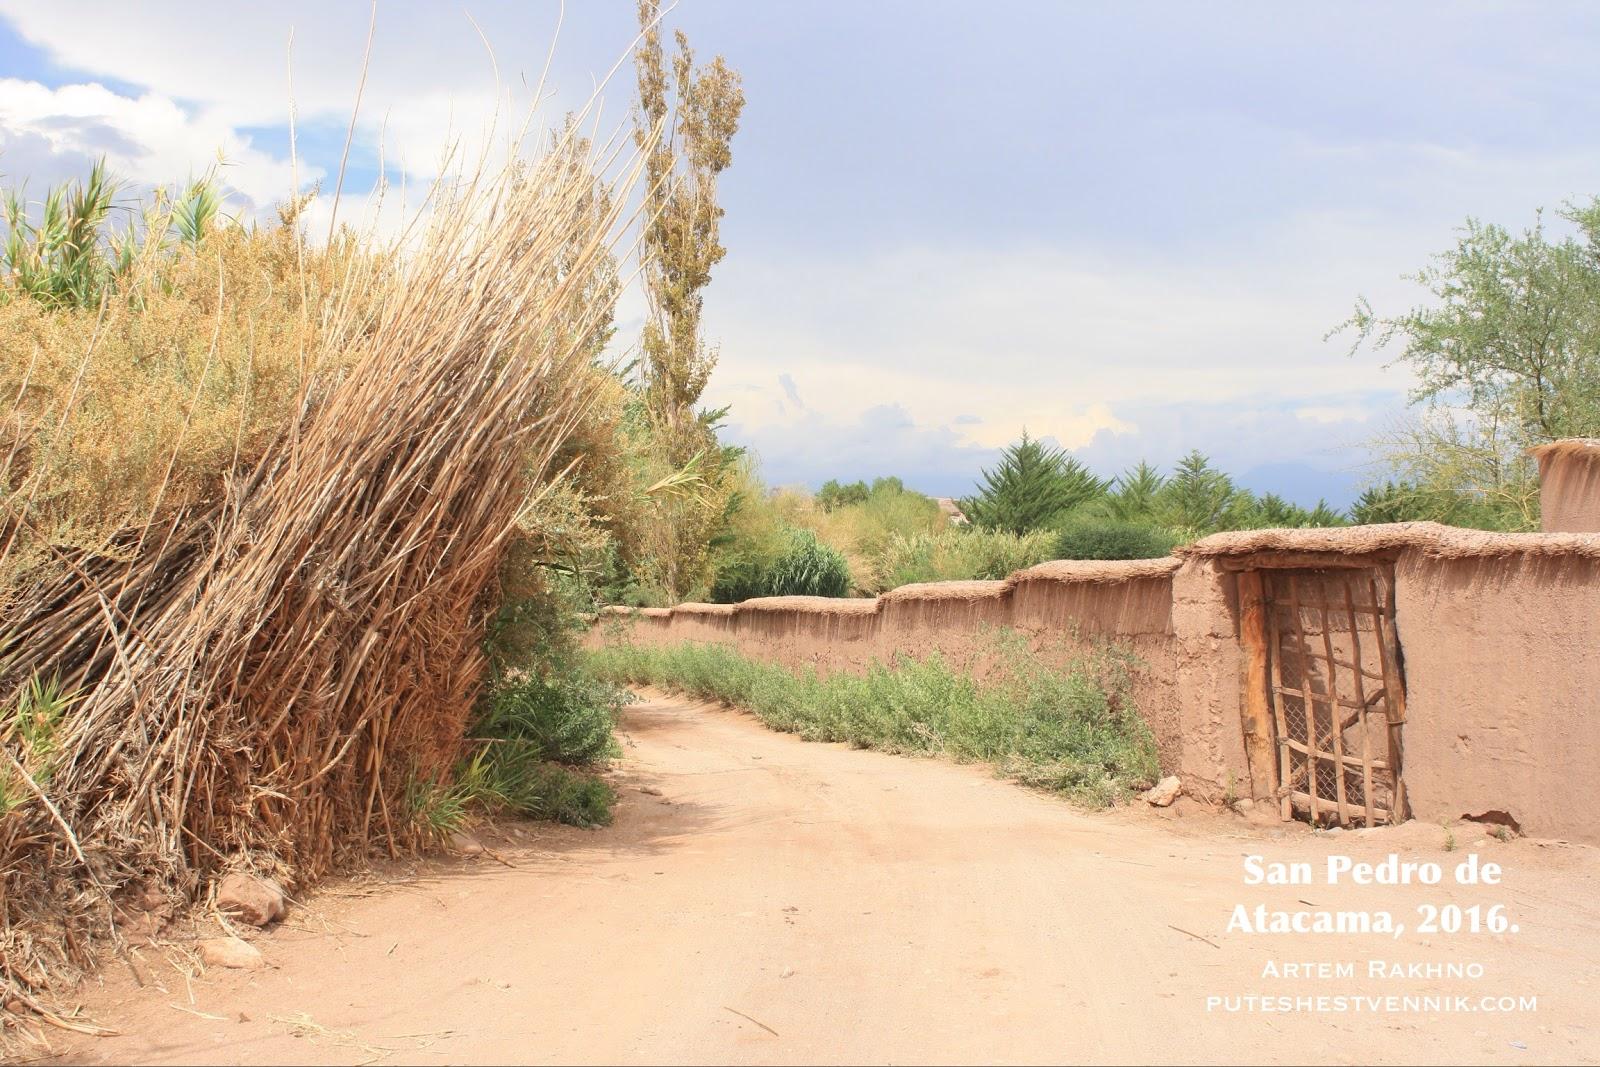 Тростник и забор в Сан-Педро-де-Атакама